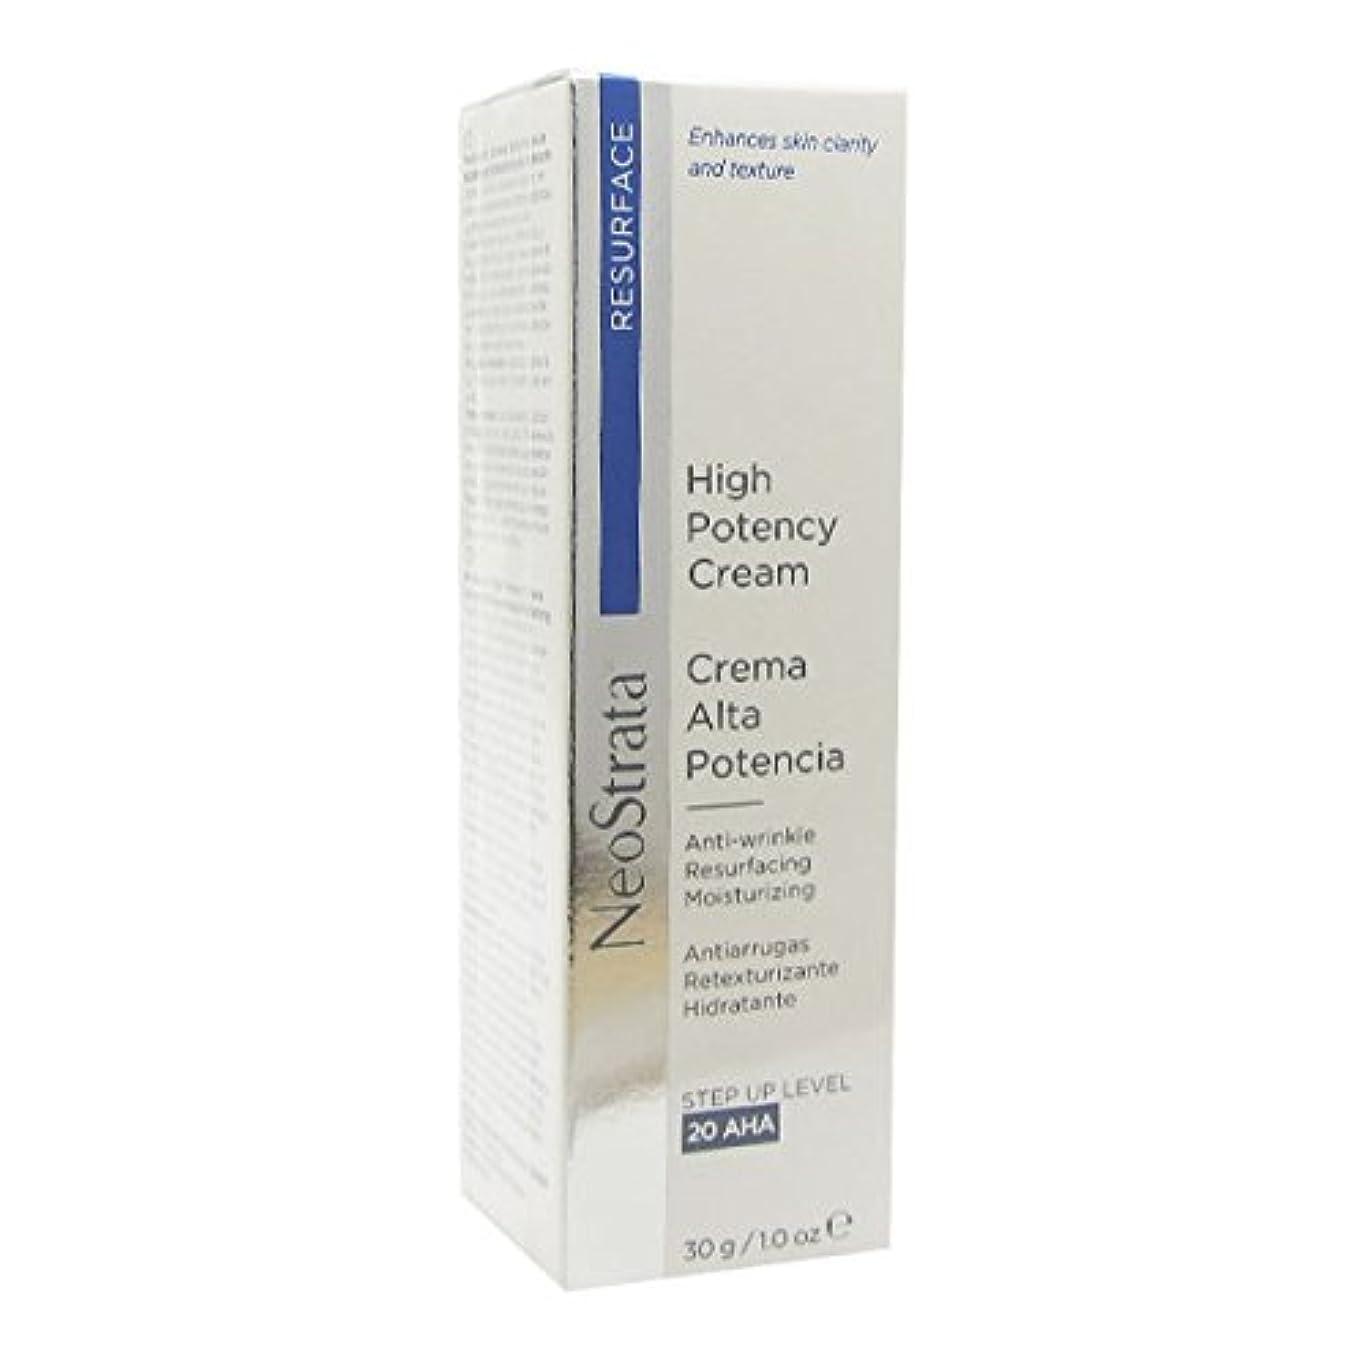 ソーセージ一時的トランスペアレントNeostrata High Potency Cream Anti-wrinkle Resurfacing Moisturizing 30g [並行輸入品]